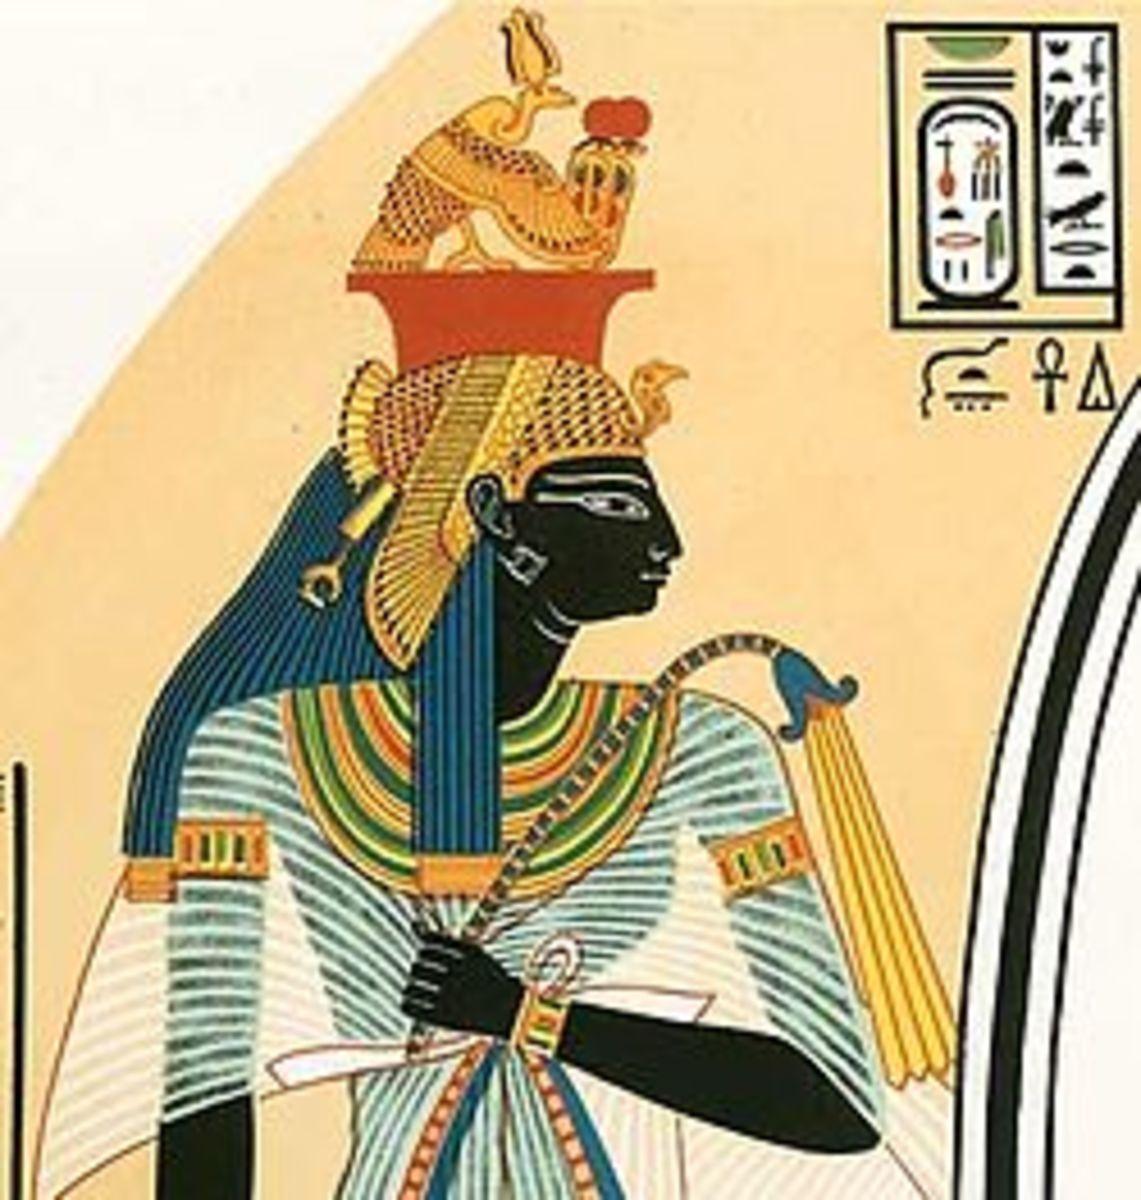 Queen Nefertiti, 18th Dynasty